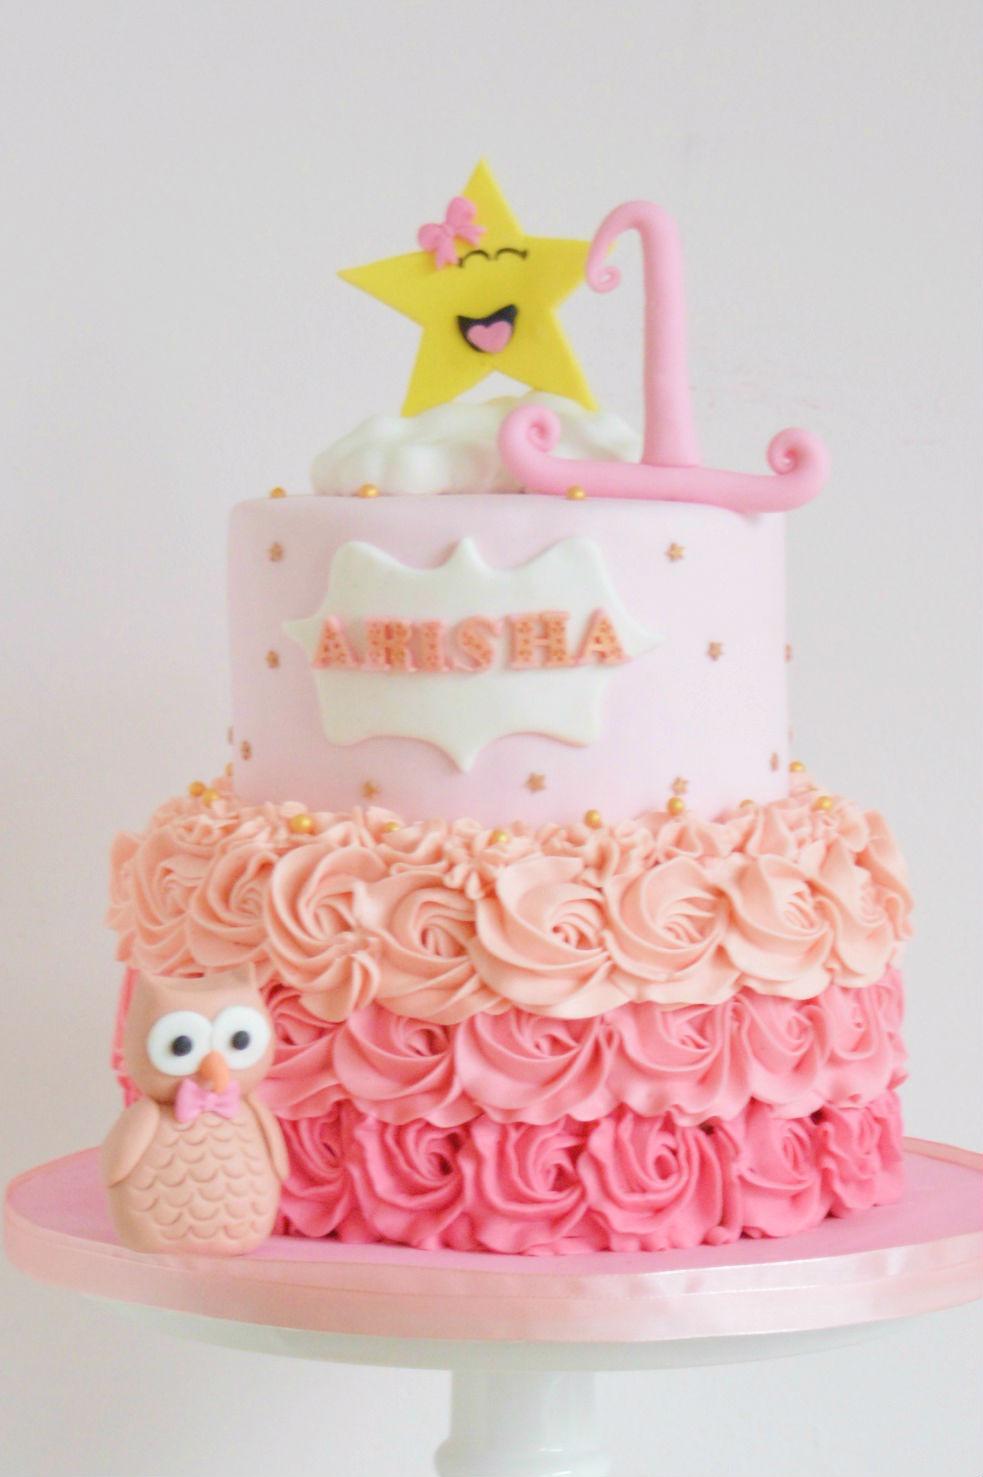 meisjes-taart-gele-ster-en-owl-roze-boemen-stapel-taart, 1st-birthday-girls-cakes-buttercream-ombre-yellow-stars